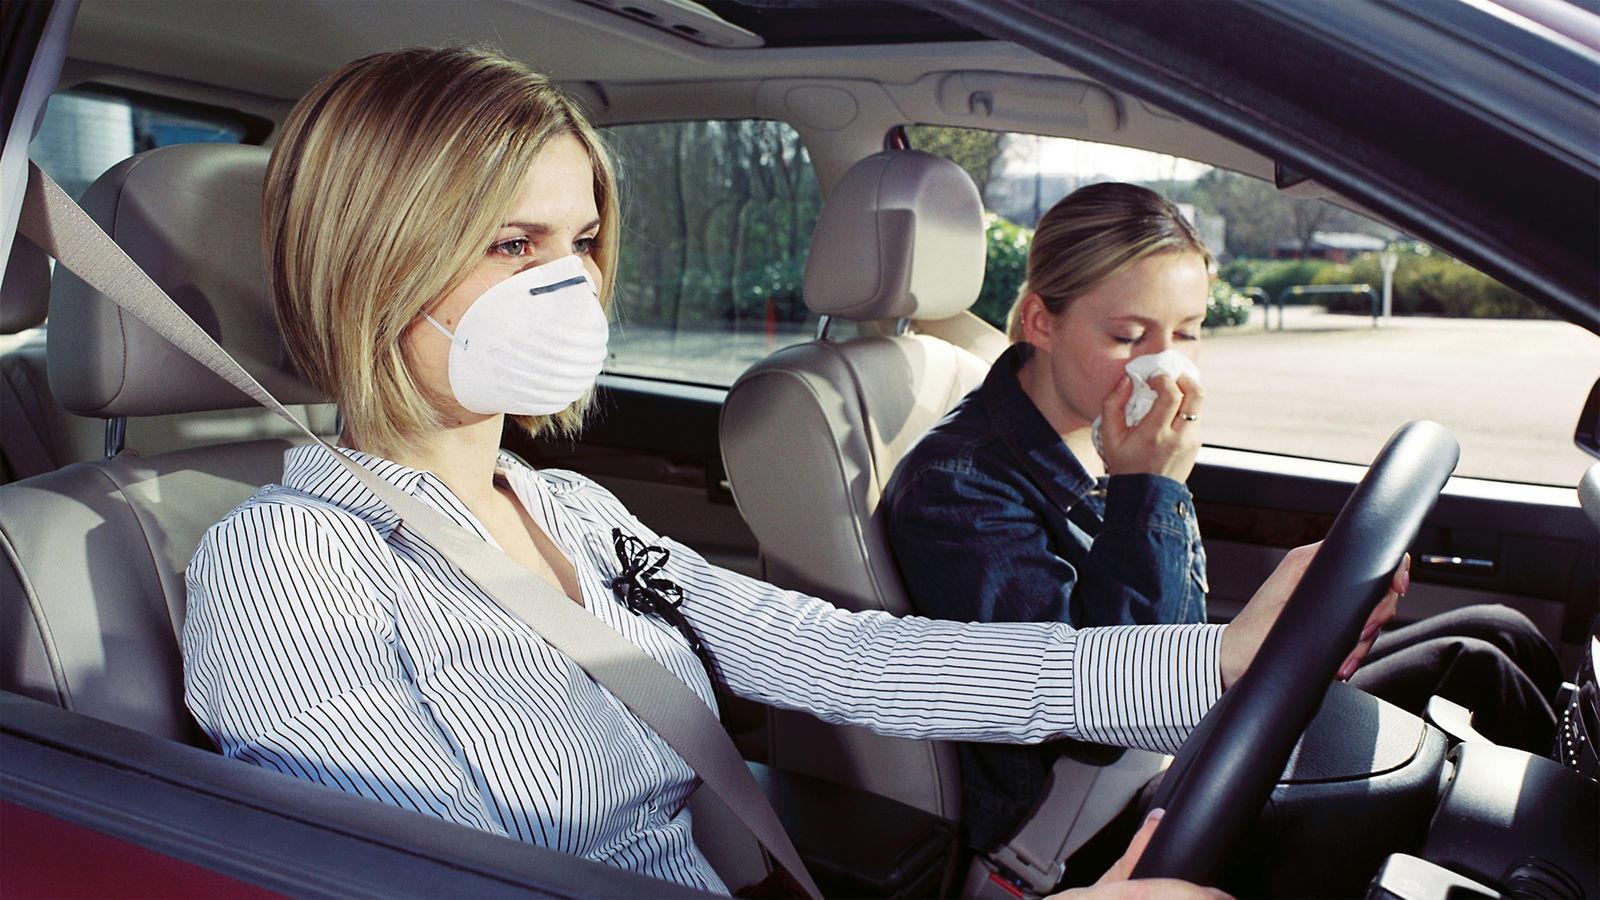 Cele mai importante 10 trasaturi ale unei masini in ochii femeilor la prima intalnire - Cele mai importante 10 trasaturi ale unei masini in ochii femeilor la prima intalnire